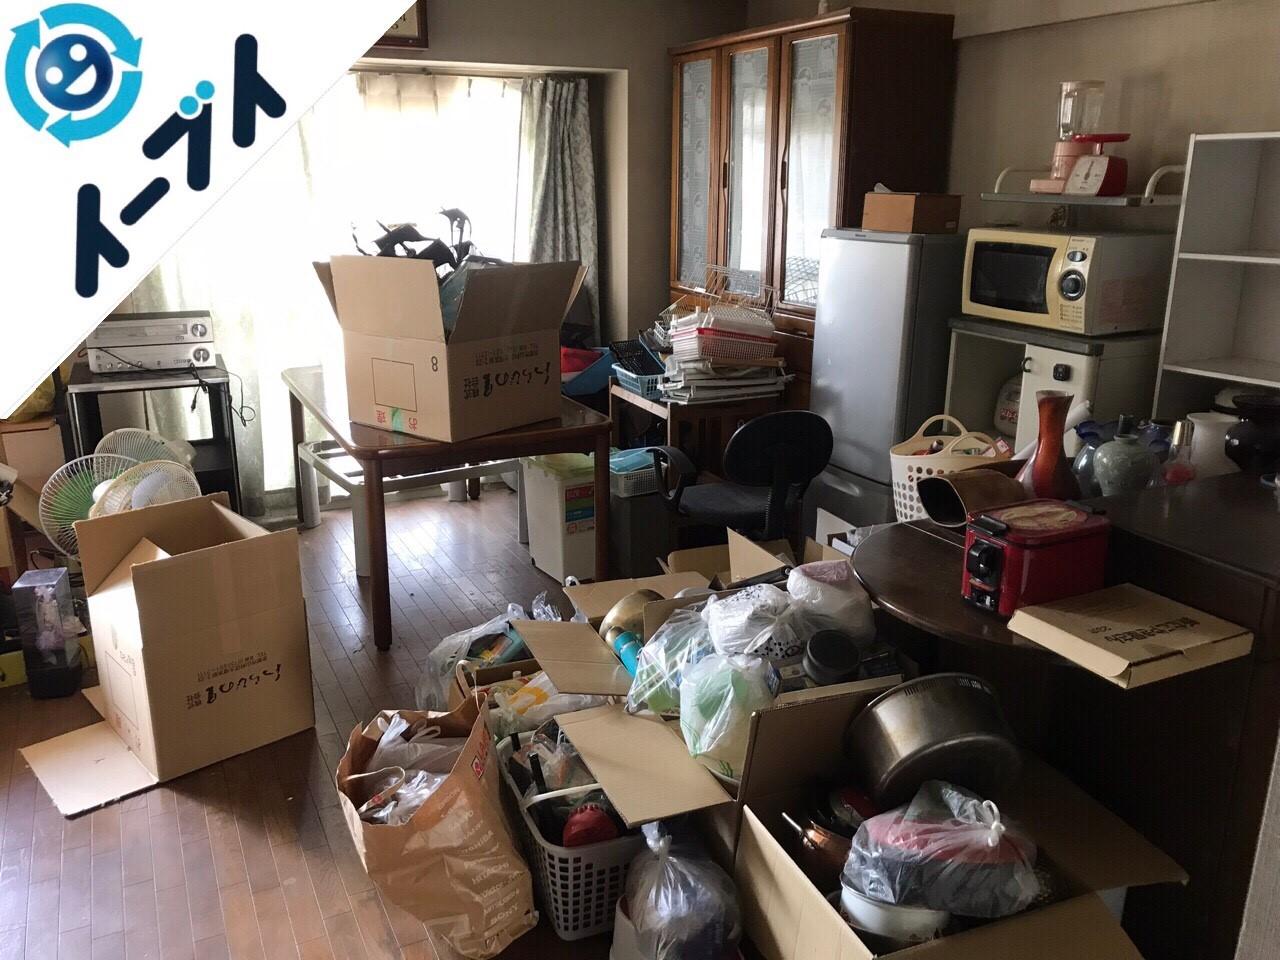 2018年6月3日大阪府池田市で食器棚やキッチン用品など片付けと粗大ゴミの不用品回収をしました。写真4